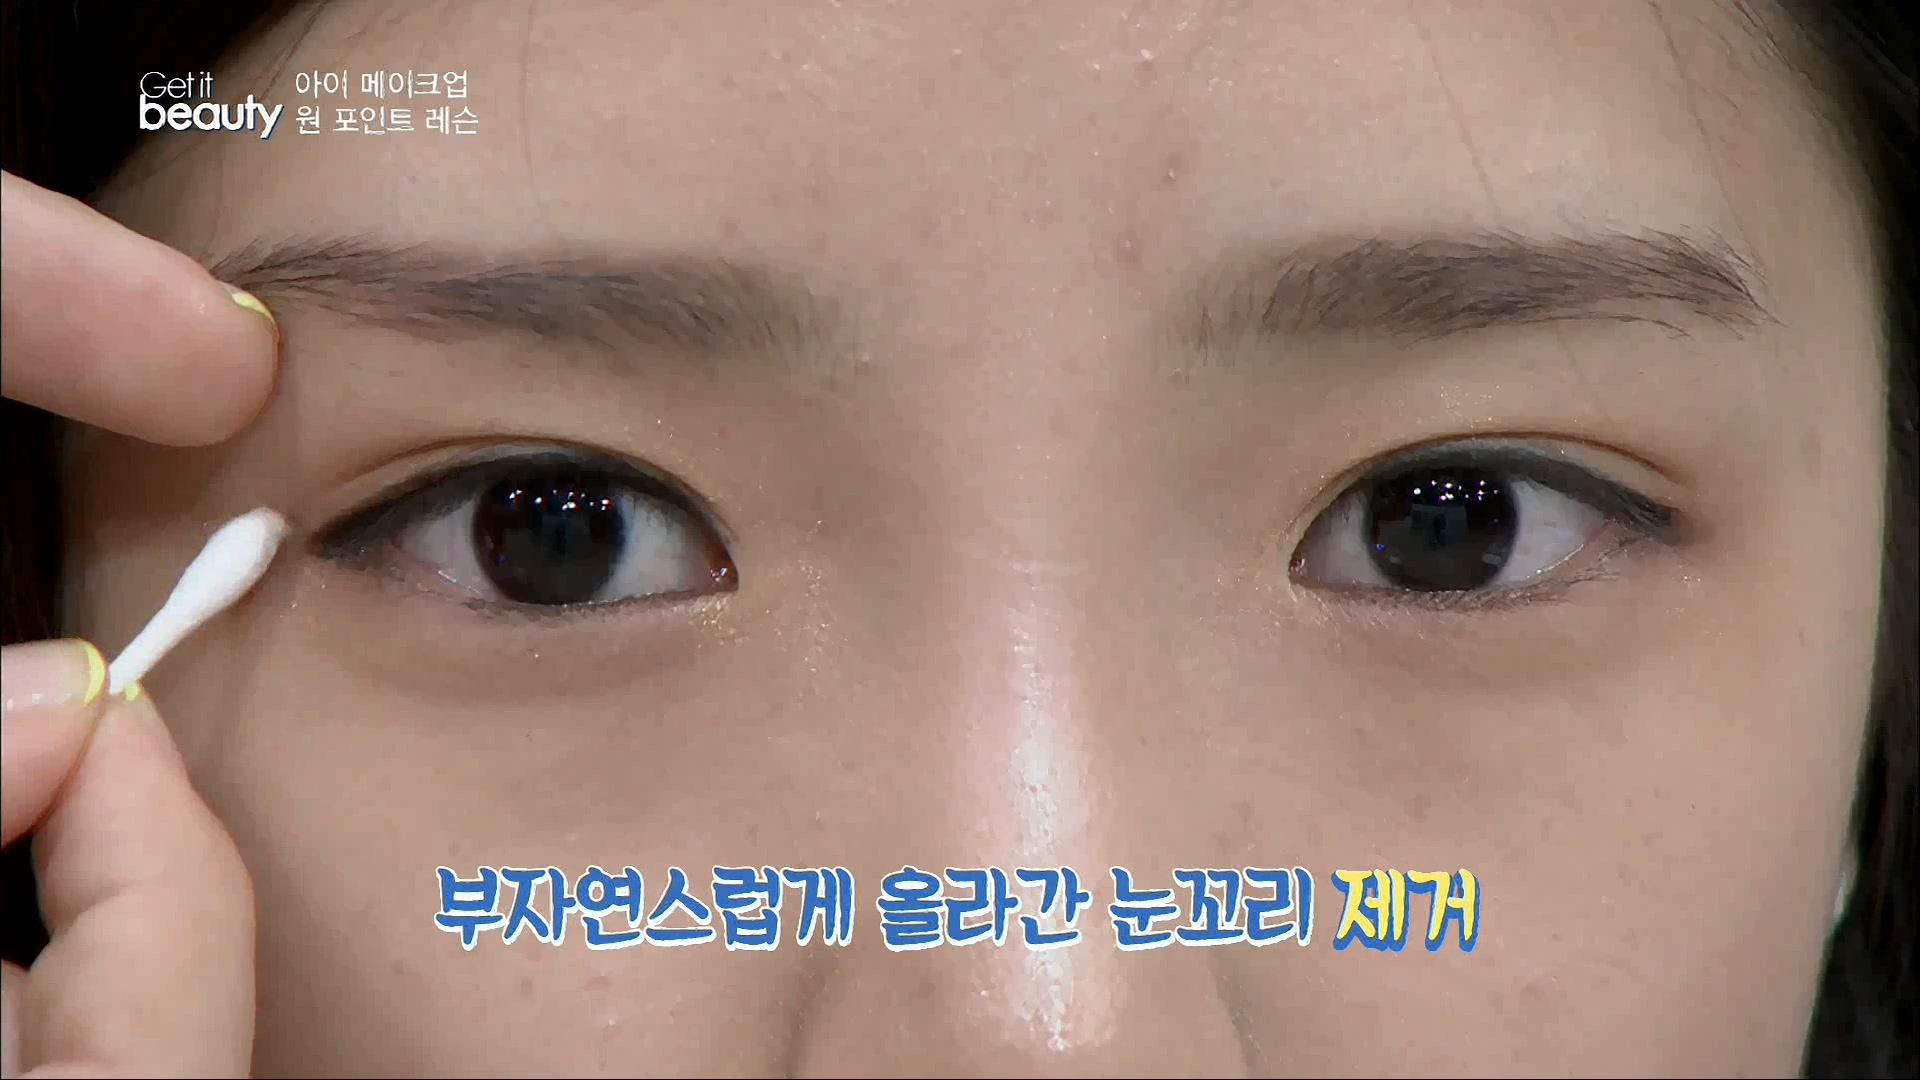 부자연 스럽게 올라간 눈꼬리는 자연스럽게 보이도록 제거해주세요